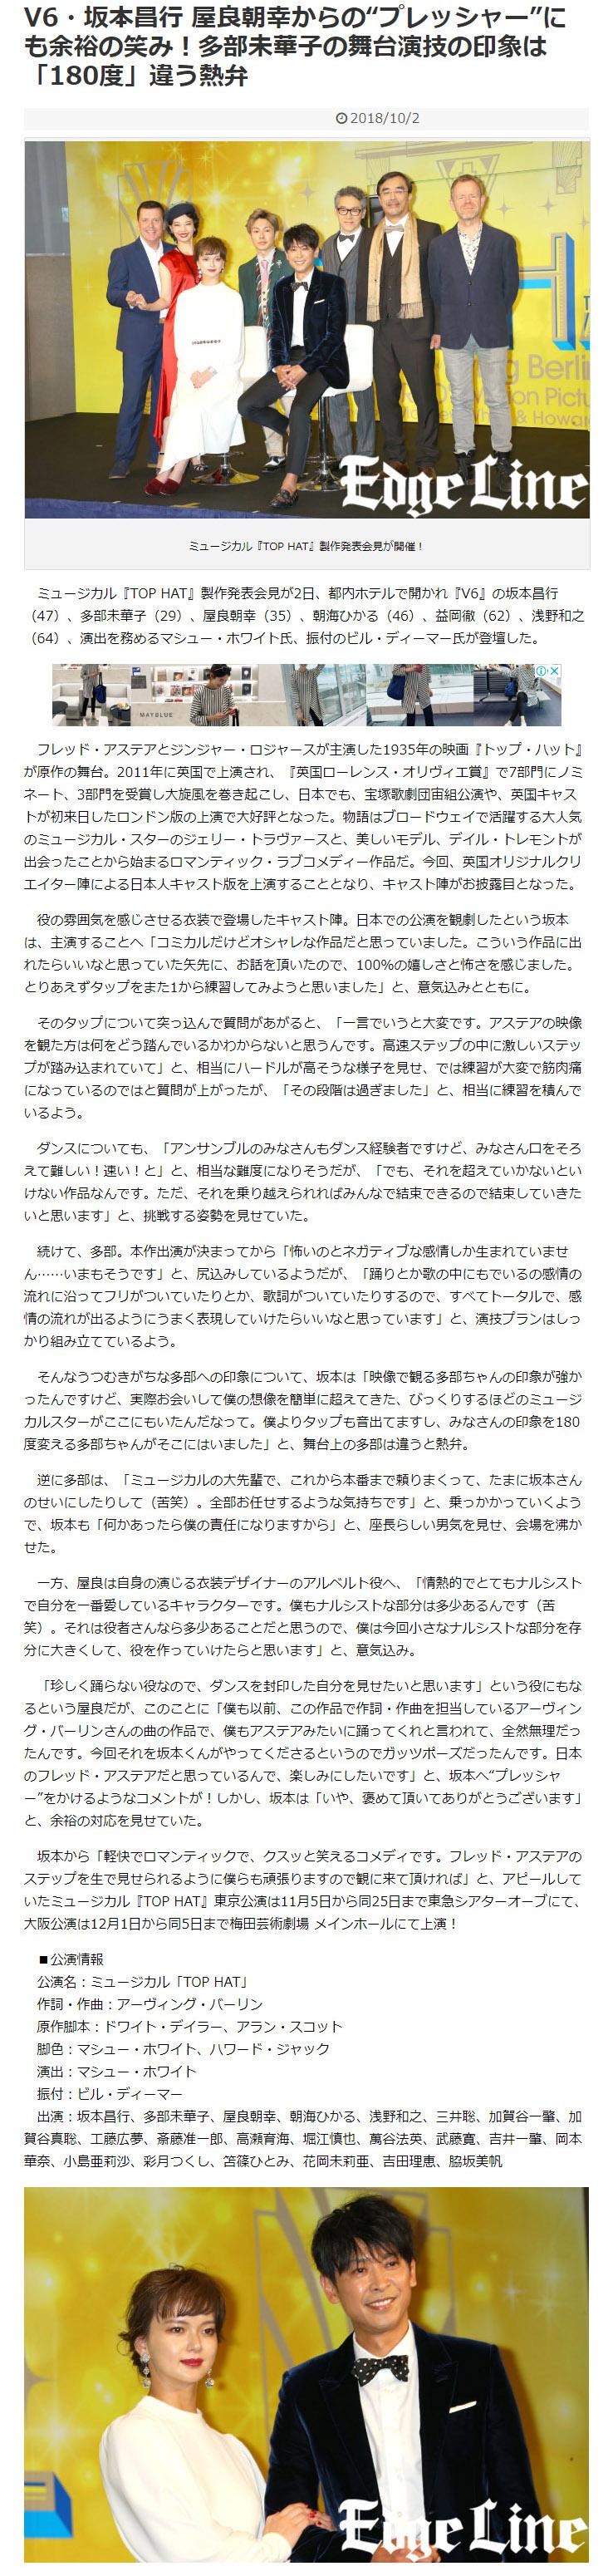 edgeline2018_10_02-000.jpg